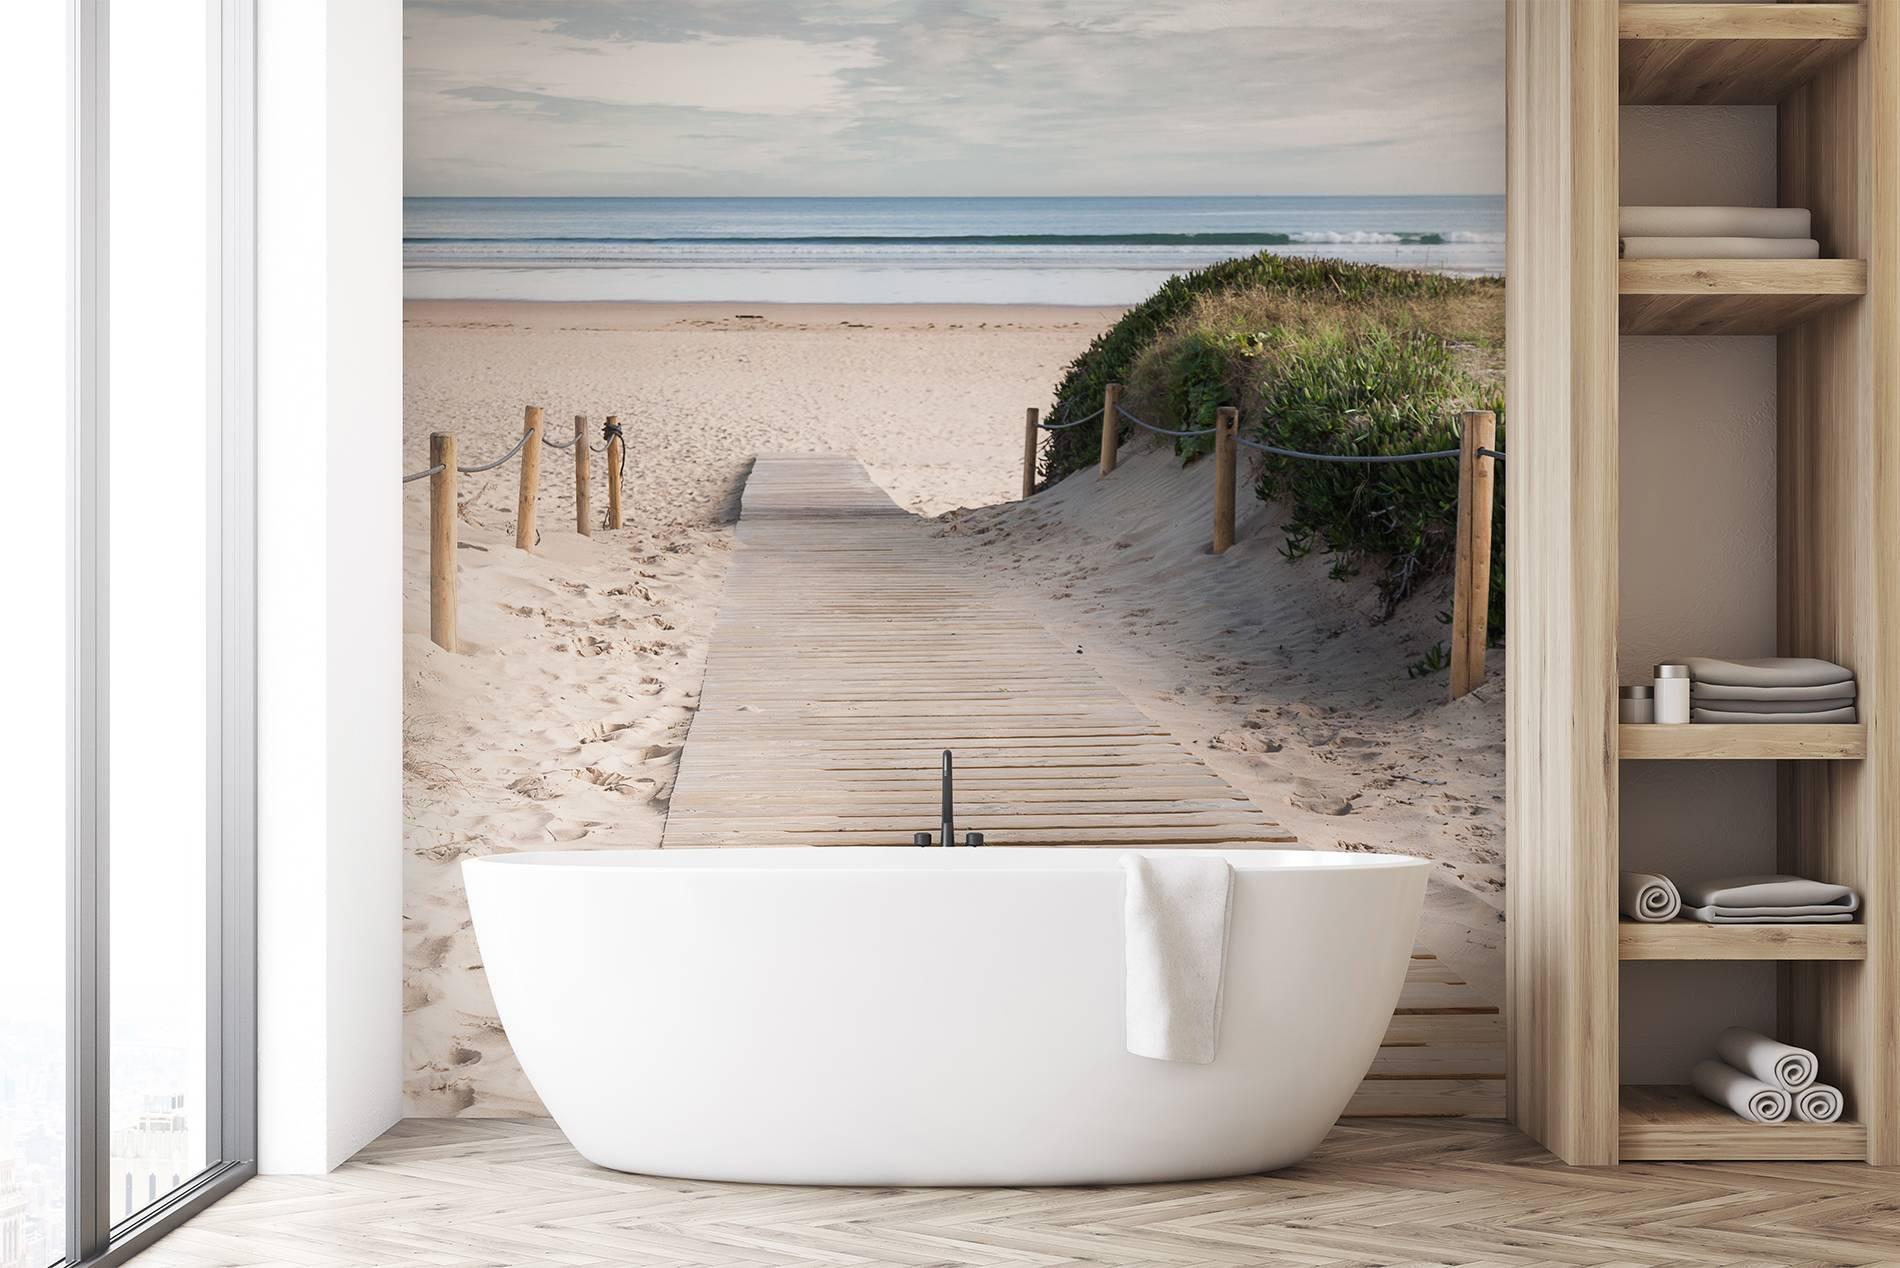 bagni di mare per bagno contemporaneo natura carte On bagni di mare